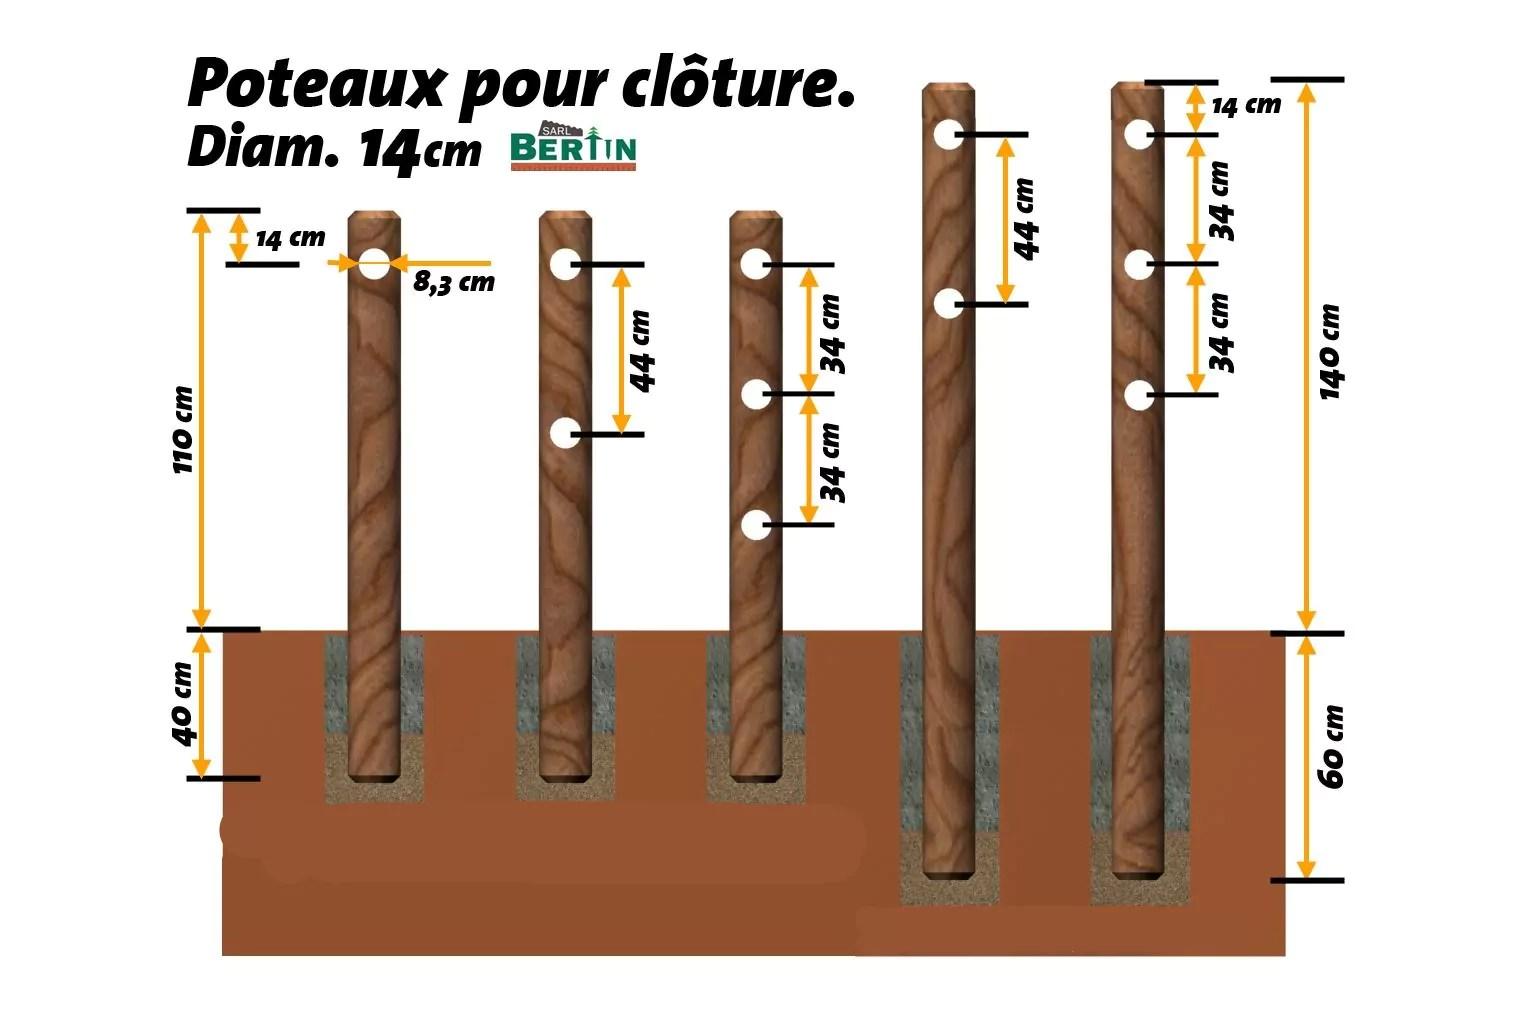 poteau de cloture en bois pas cher decoration de la maison peindre cloture en bois